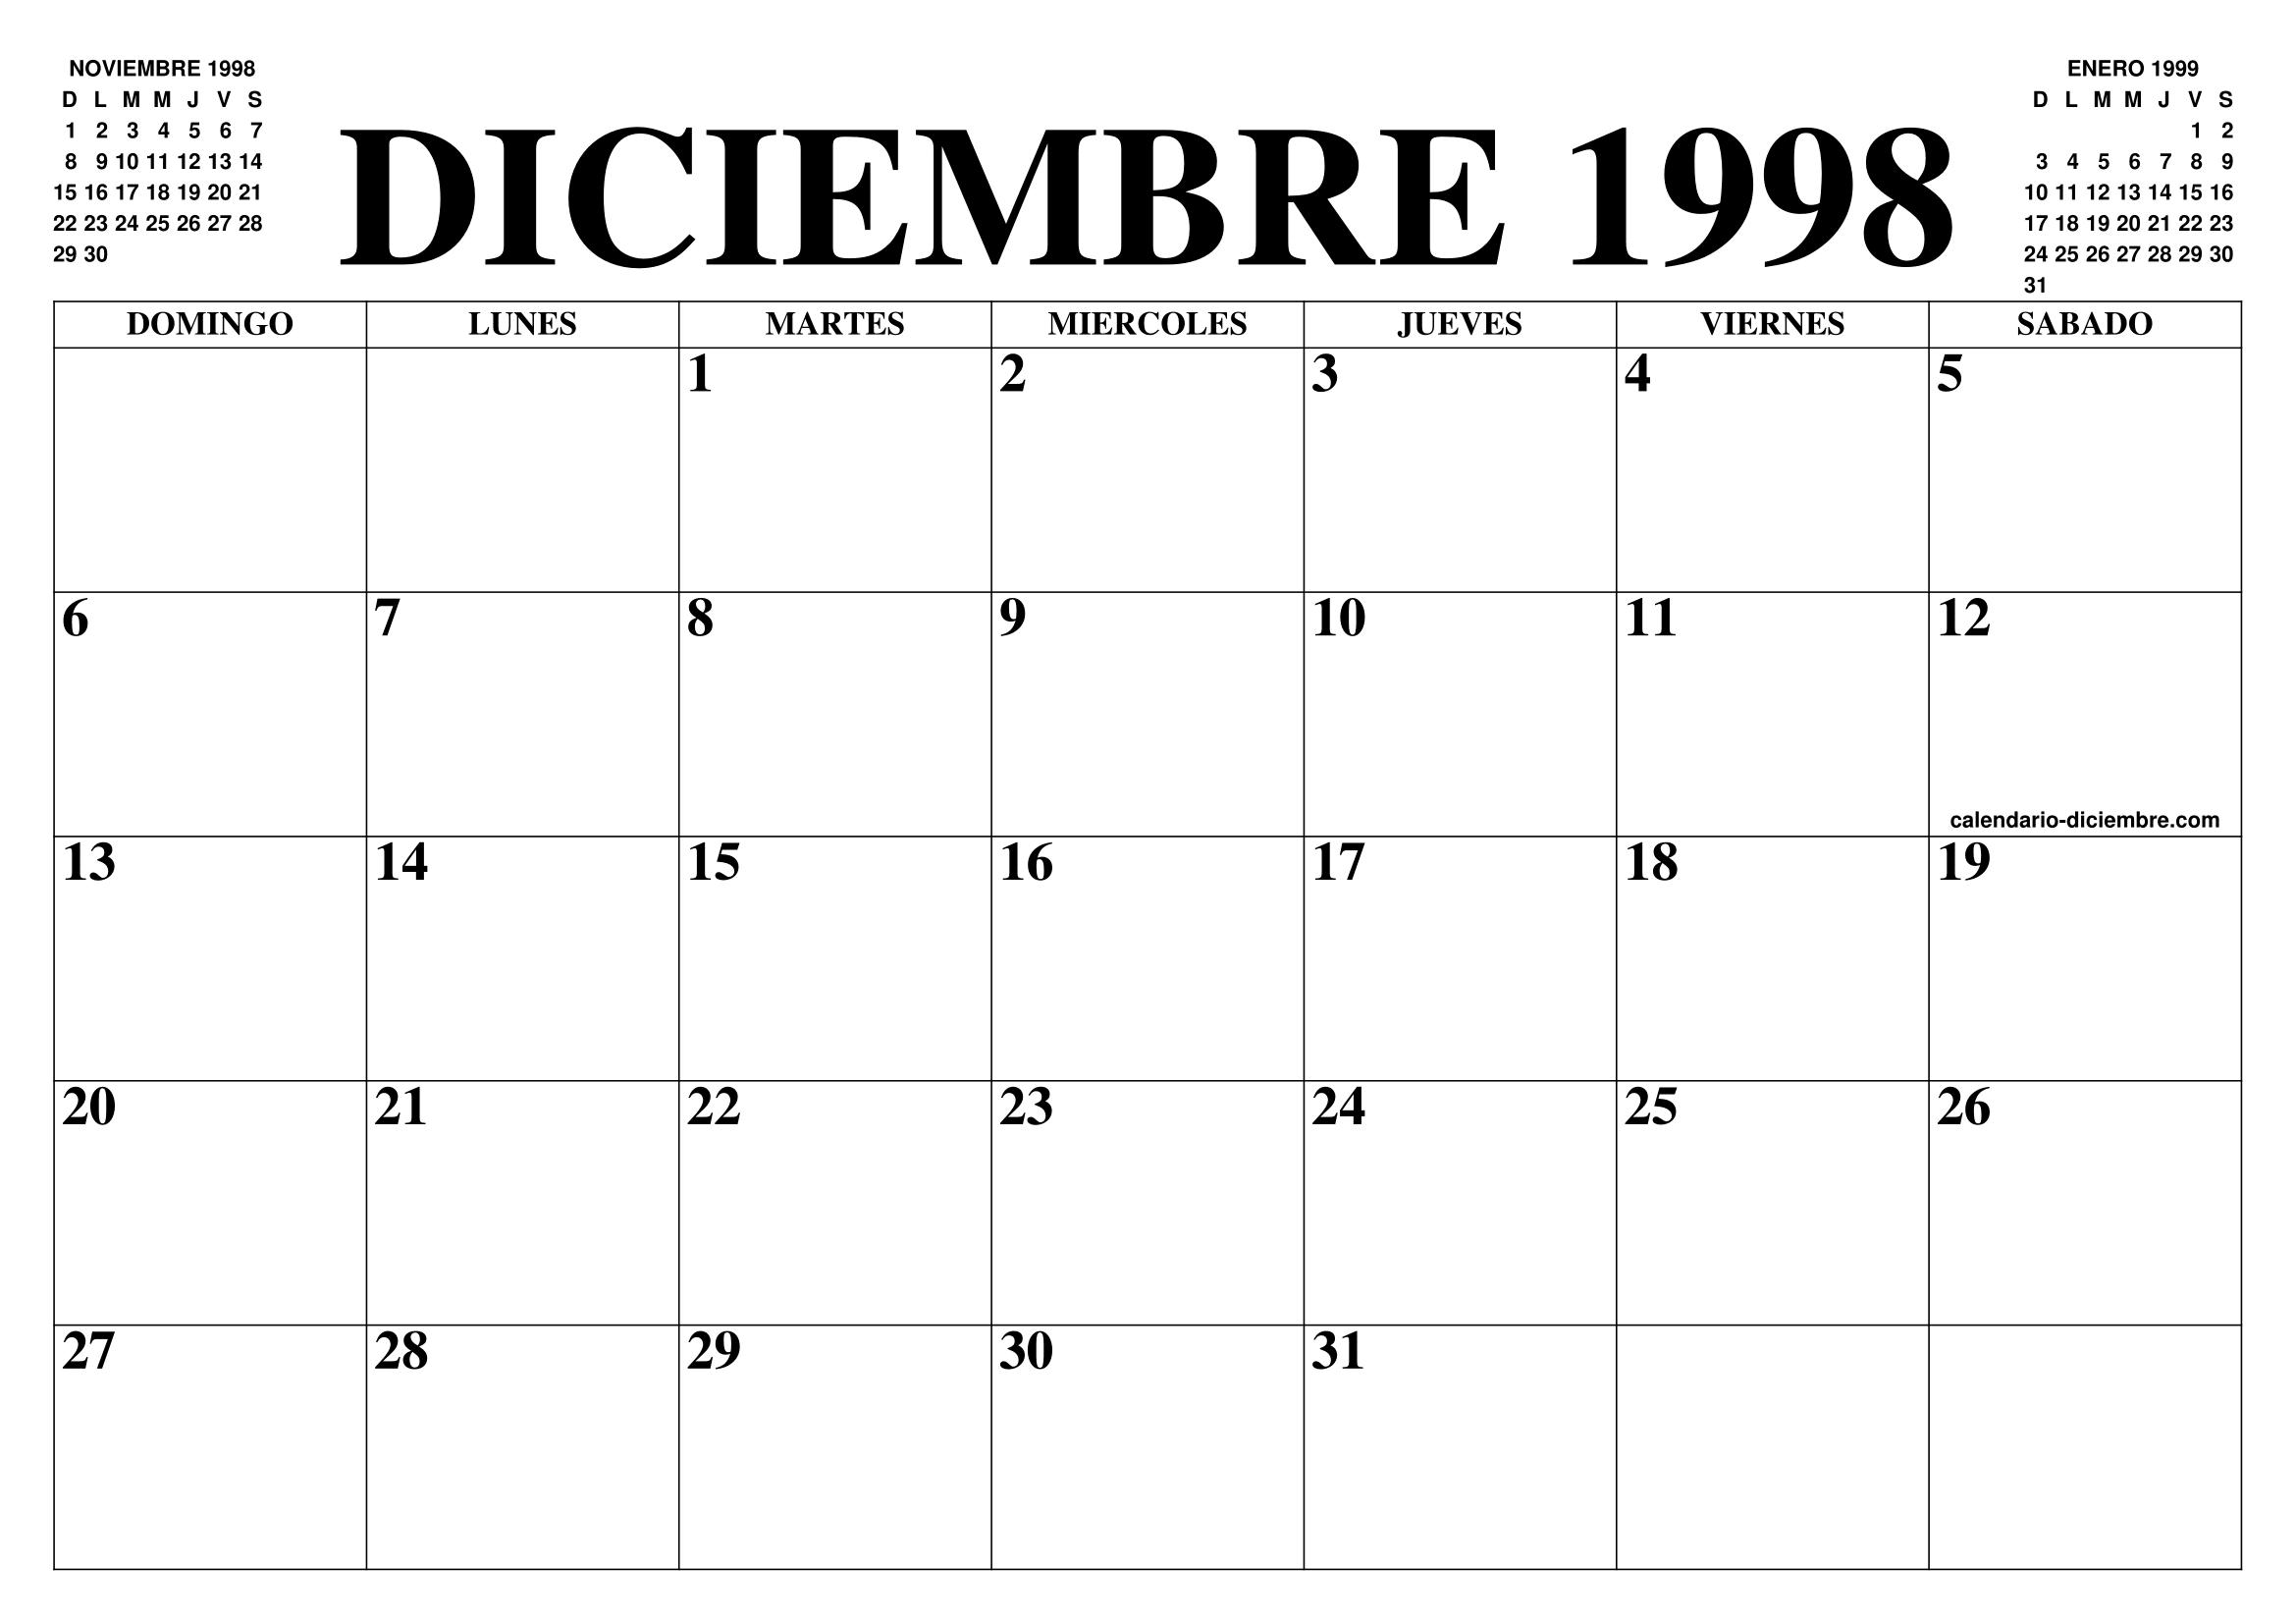 1998 Calendario.Calendario Diciembre 1998 El Calendario Diciembre Para